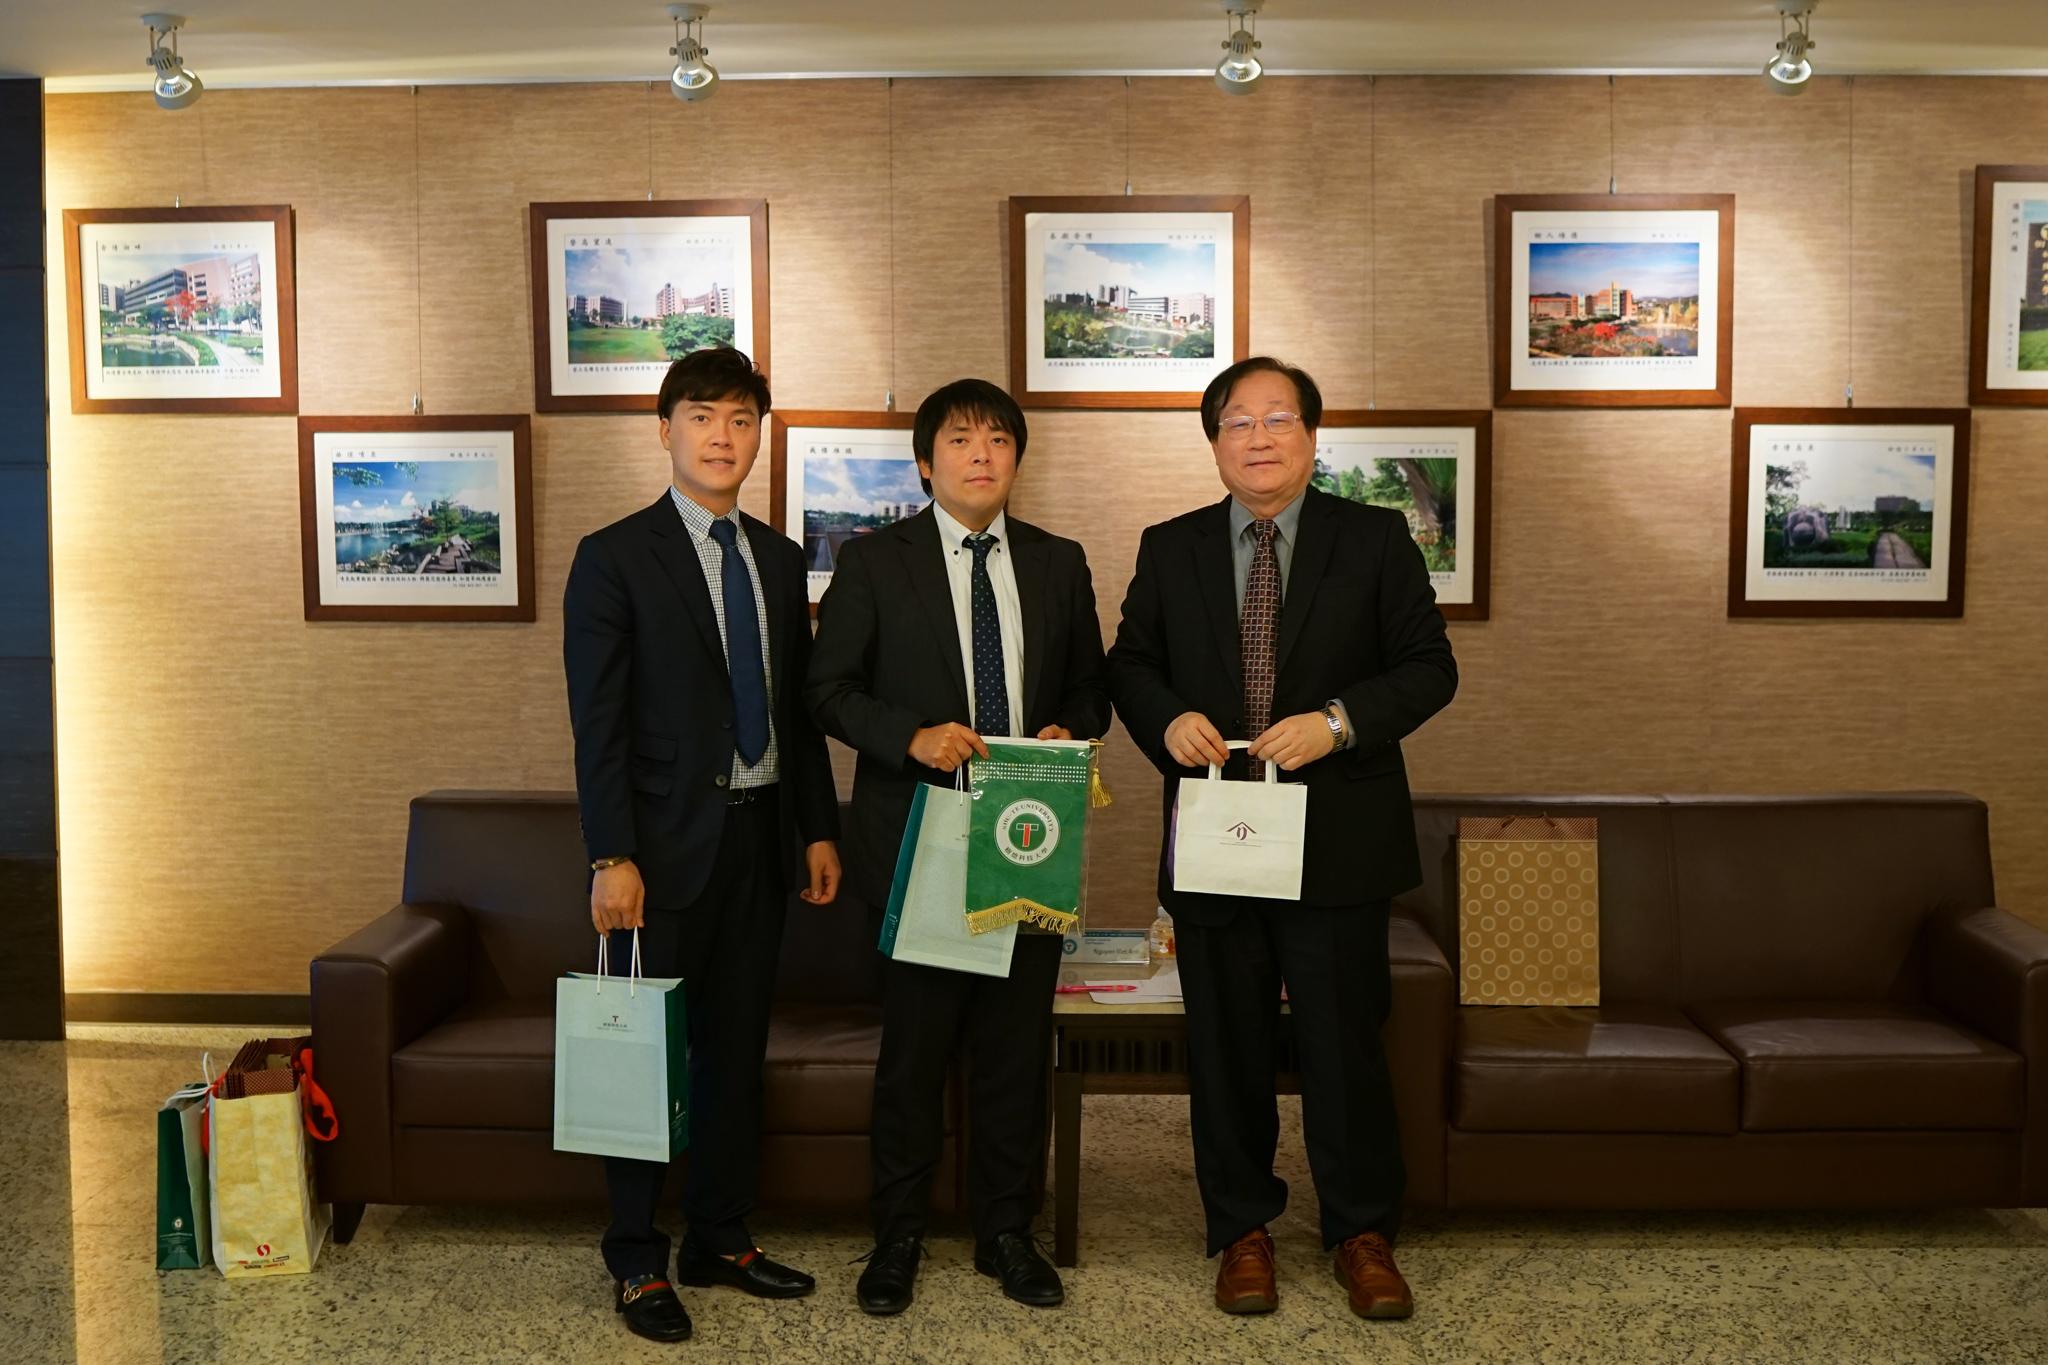 台湾 – SHU TE 大学を訪問